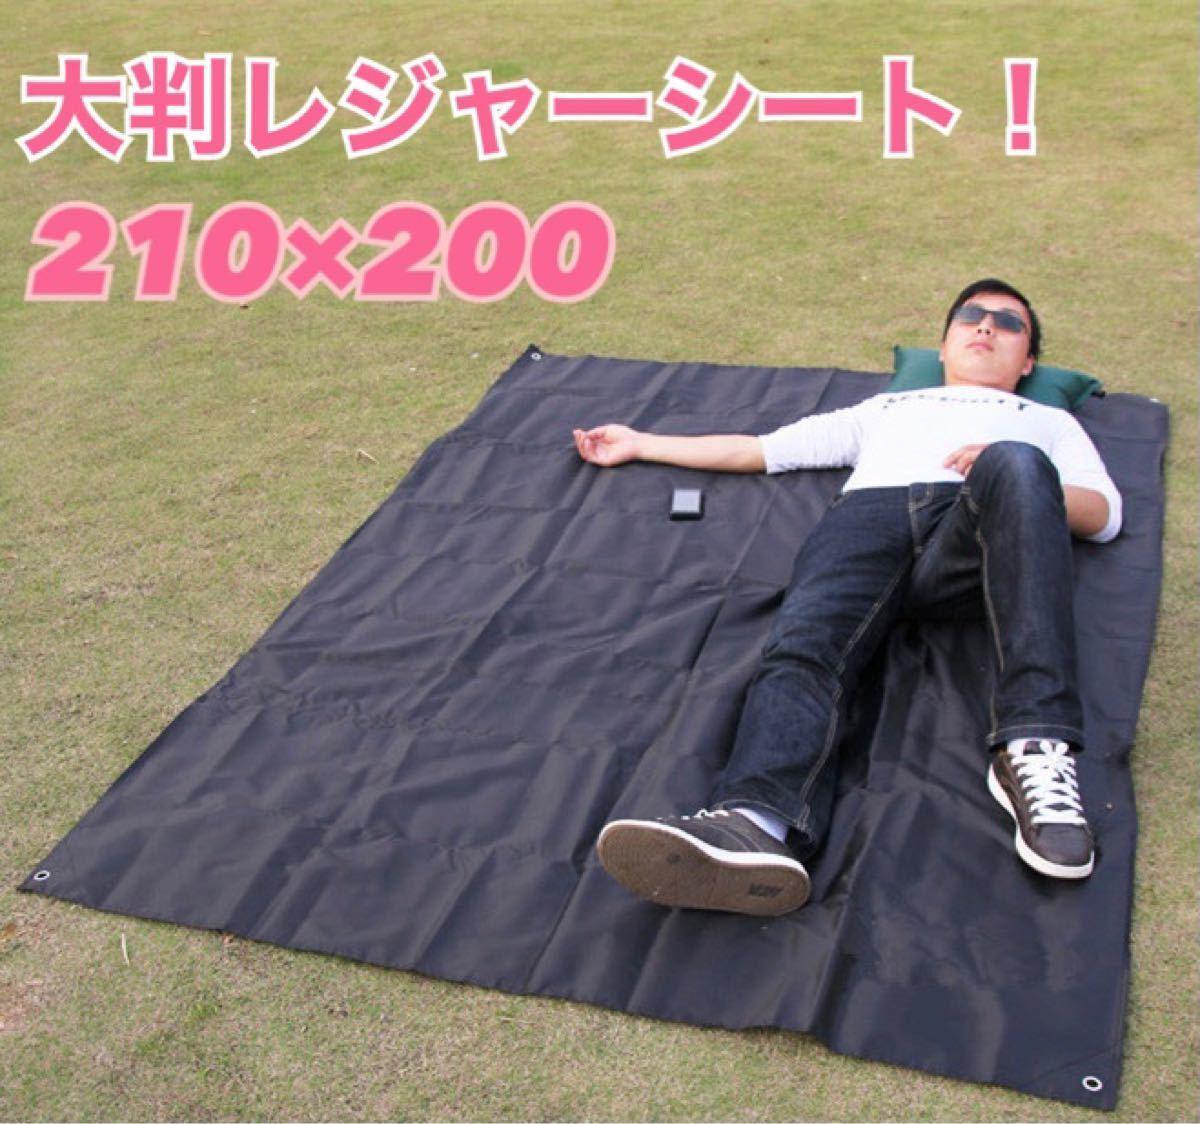 レジャーシート 大判 キャンプ テント アウトドア 運動会 お花見 ピクニック